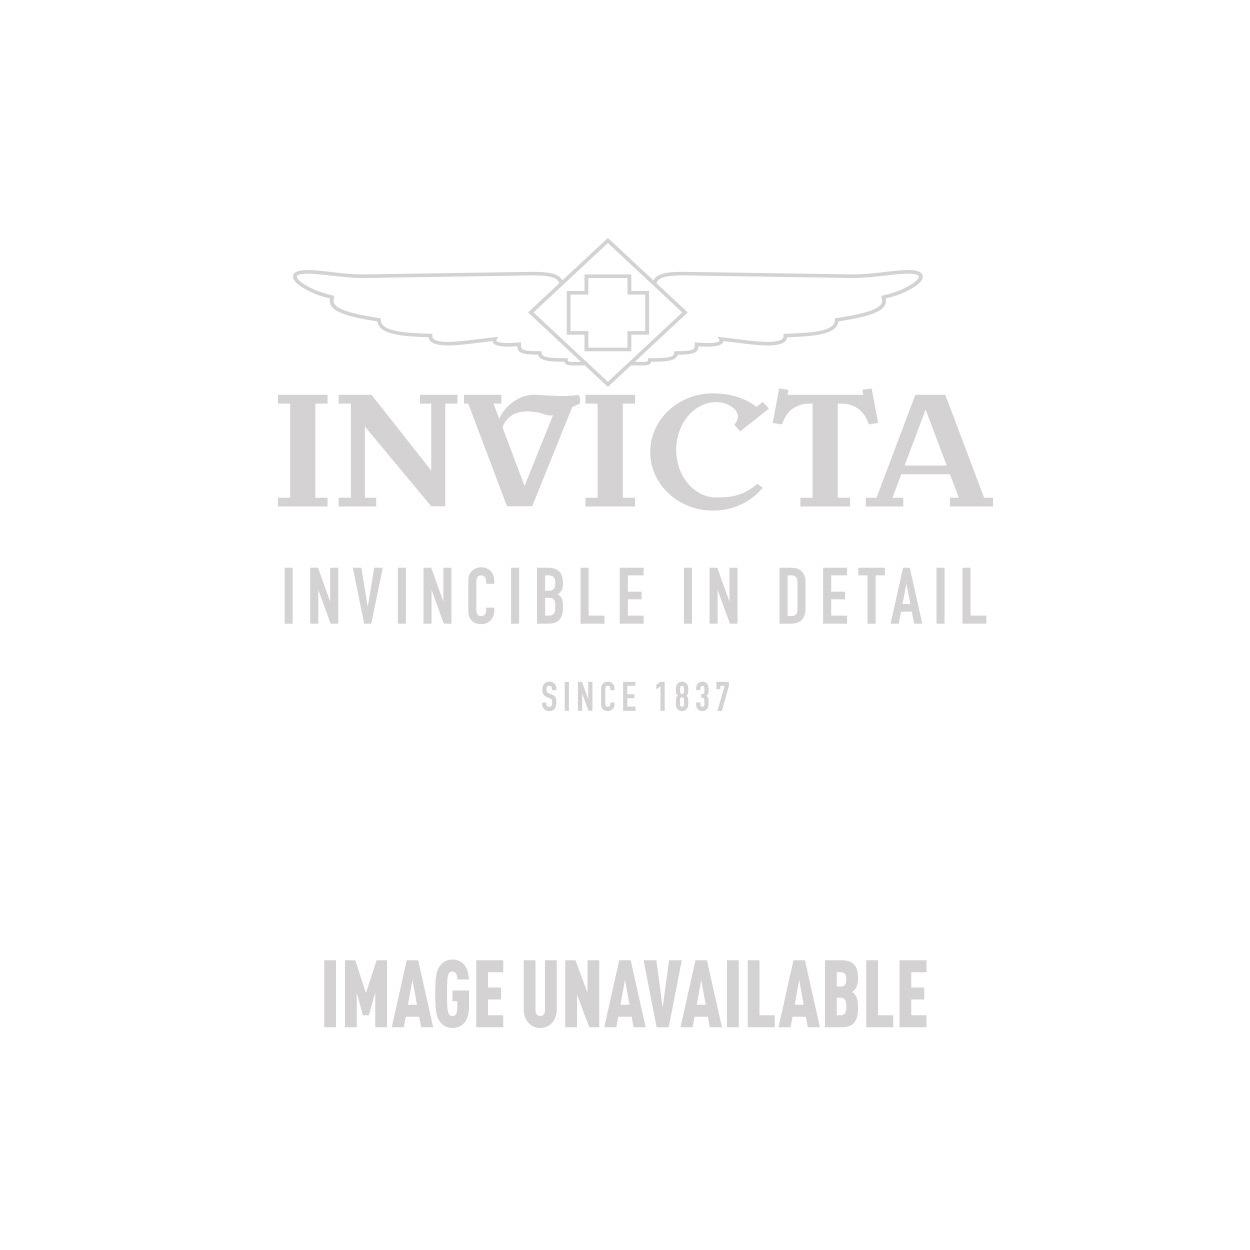 Invicta Model 27513